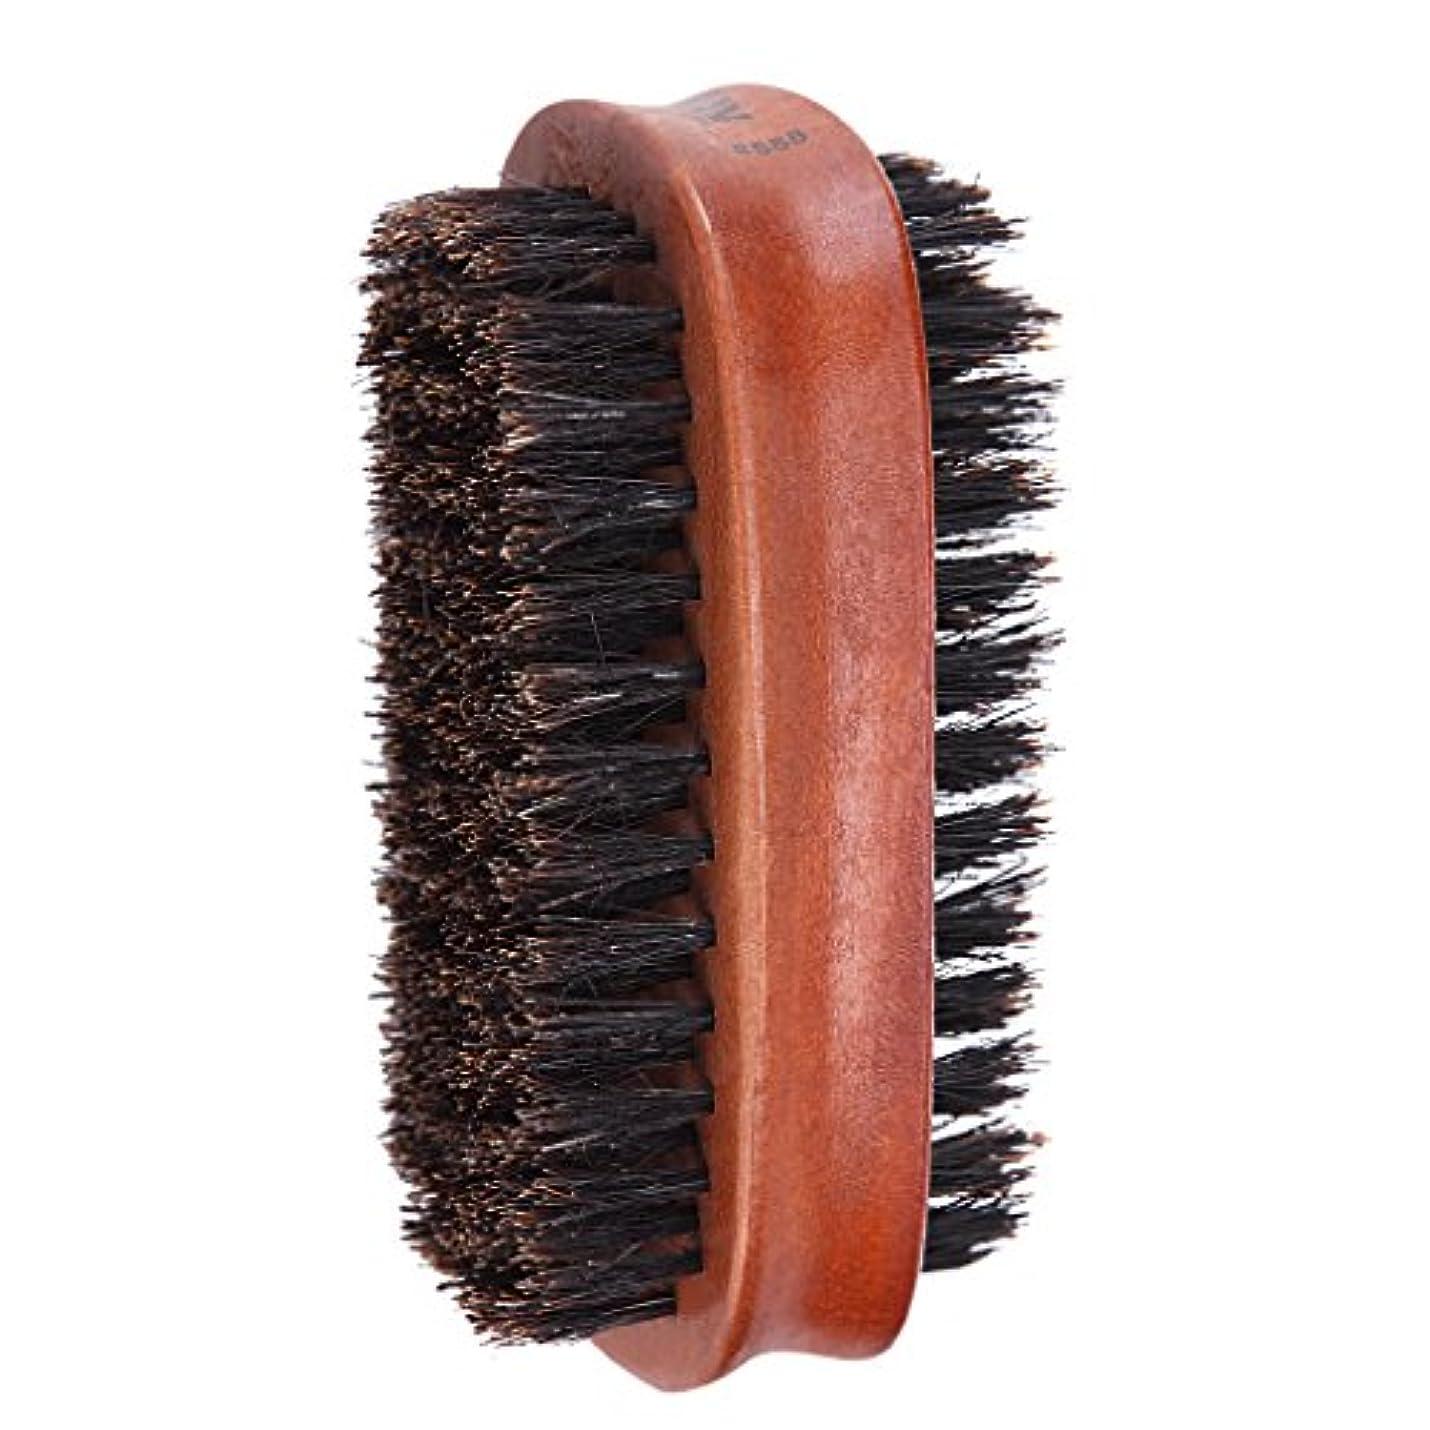 取り付けプレビュー示すCUTICATE 男性髪髭口ひげグルーミングブラシハード両面コーム